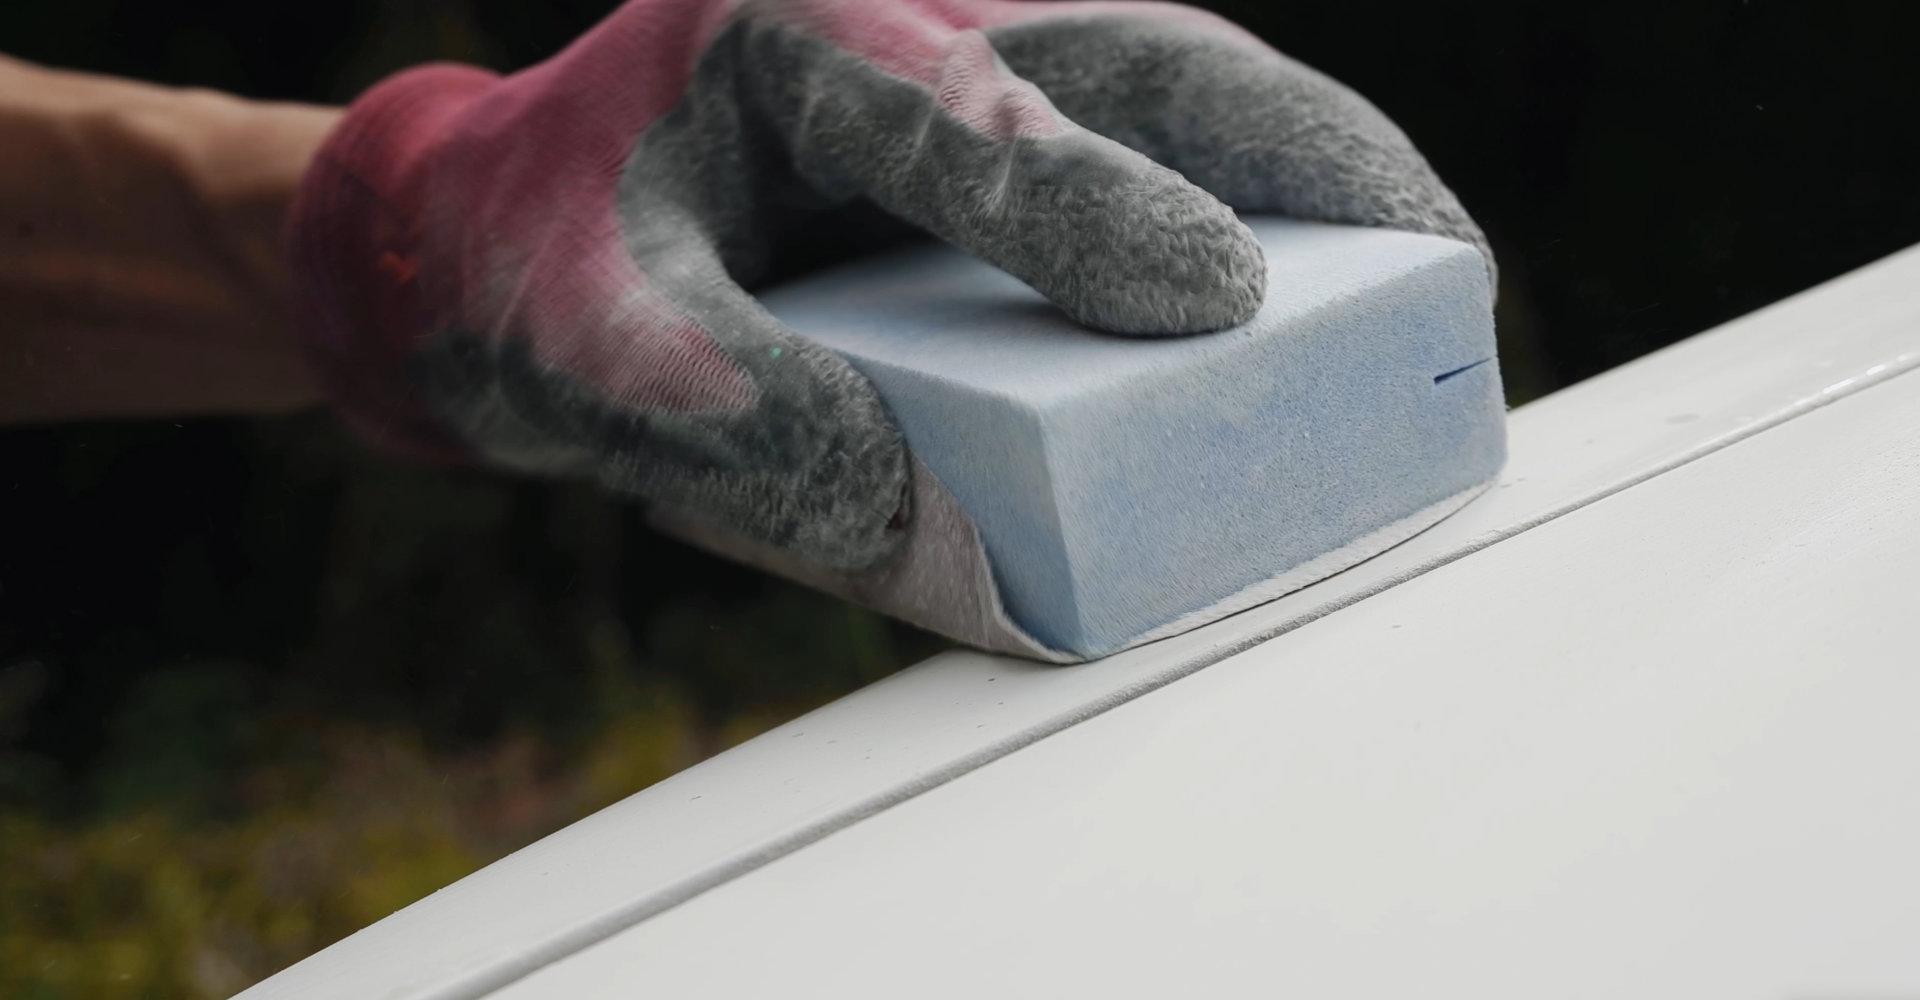 セレナをDIY全塗装 クリアー剥がれのサンディング・足付け|車塗装